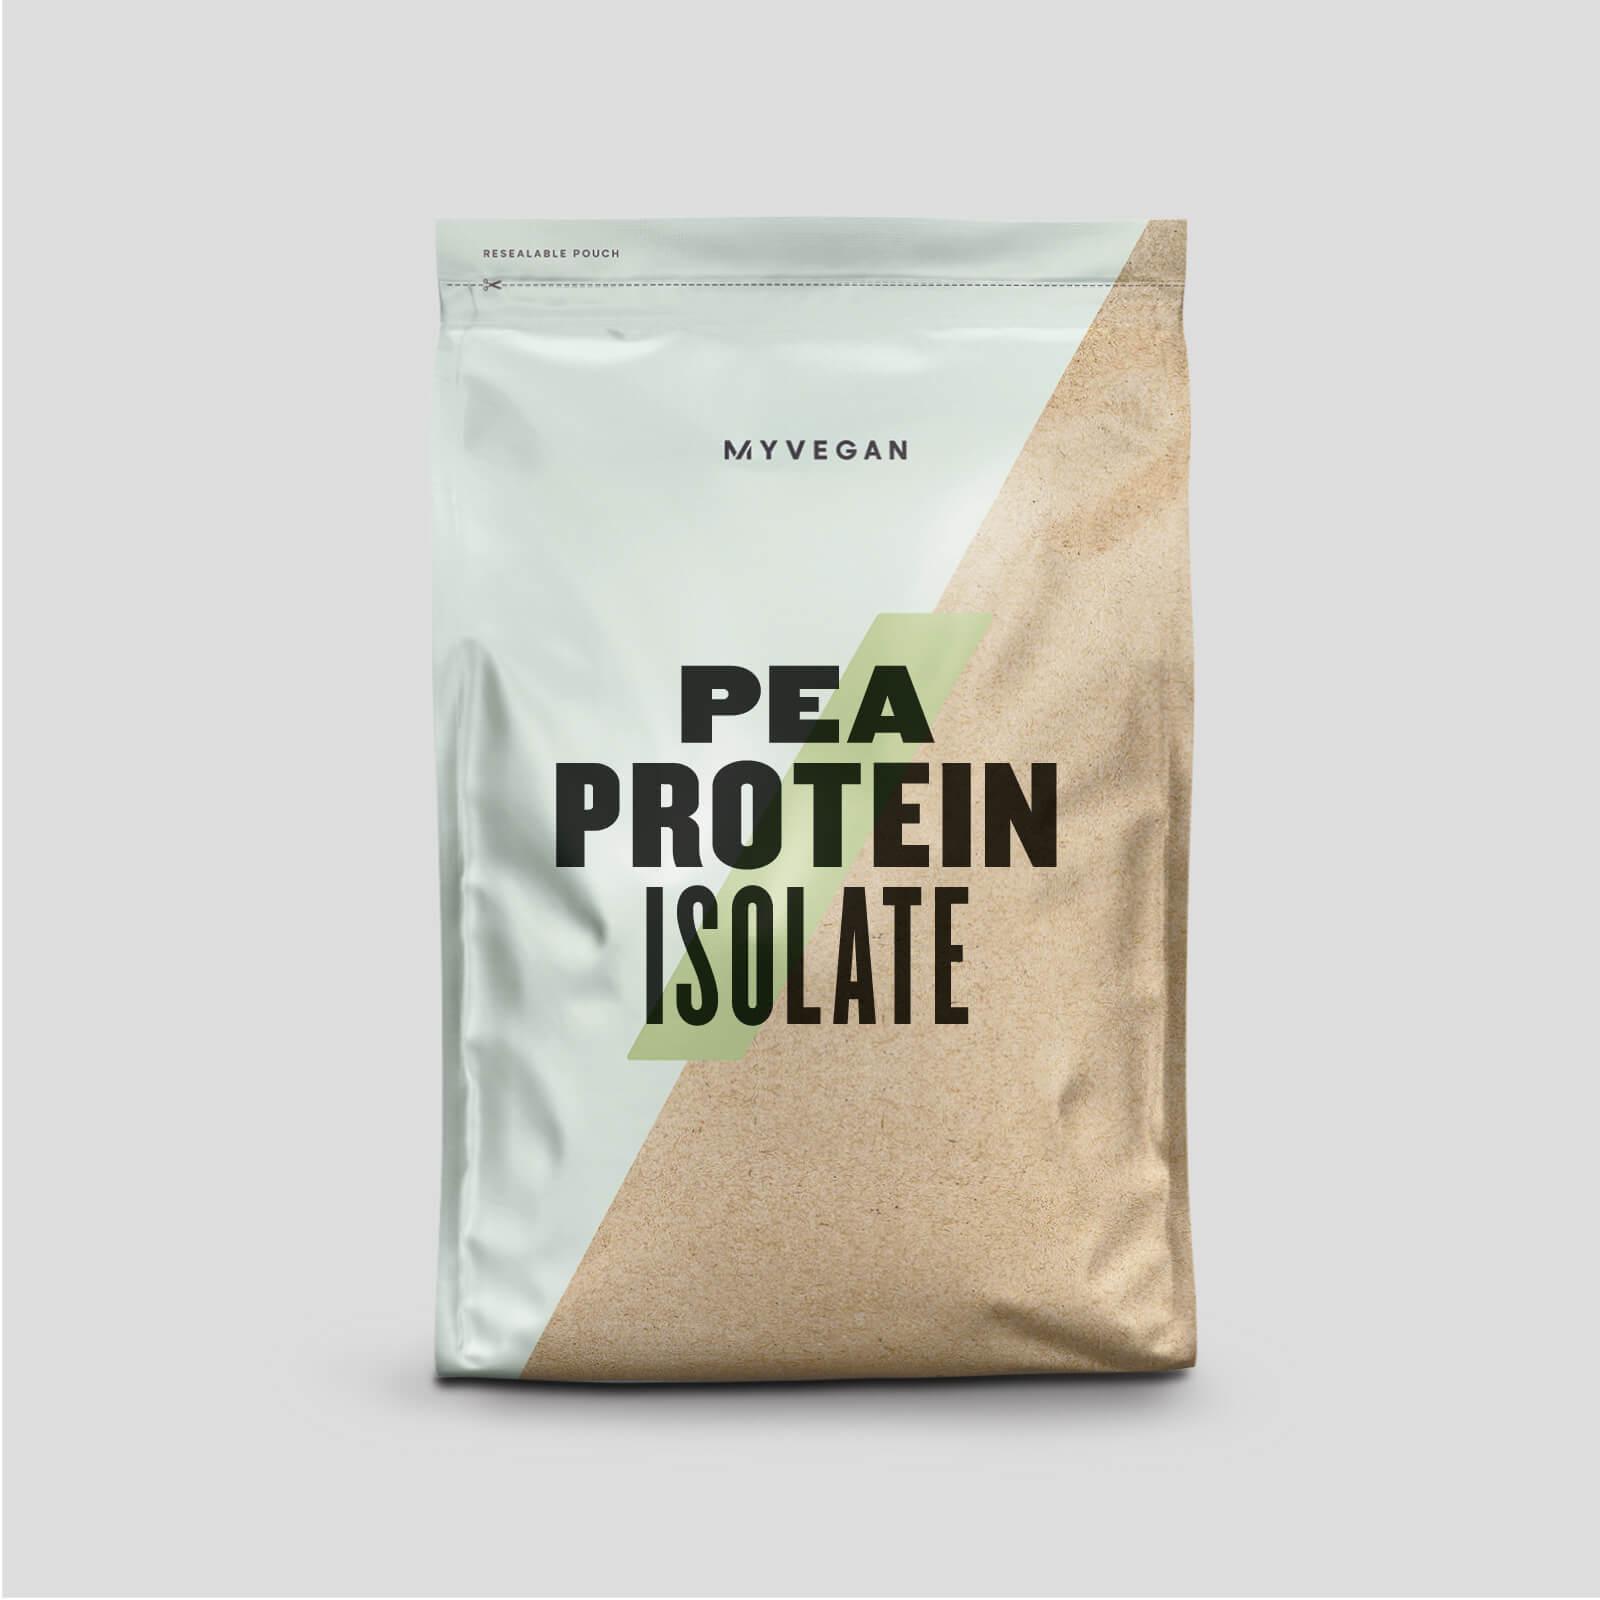 Myvegan Proteine Isolate del Pisello - 1kg - Caffé e noci